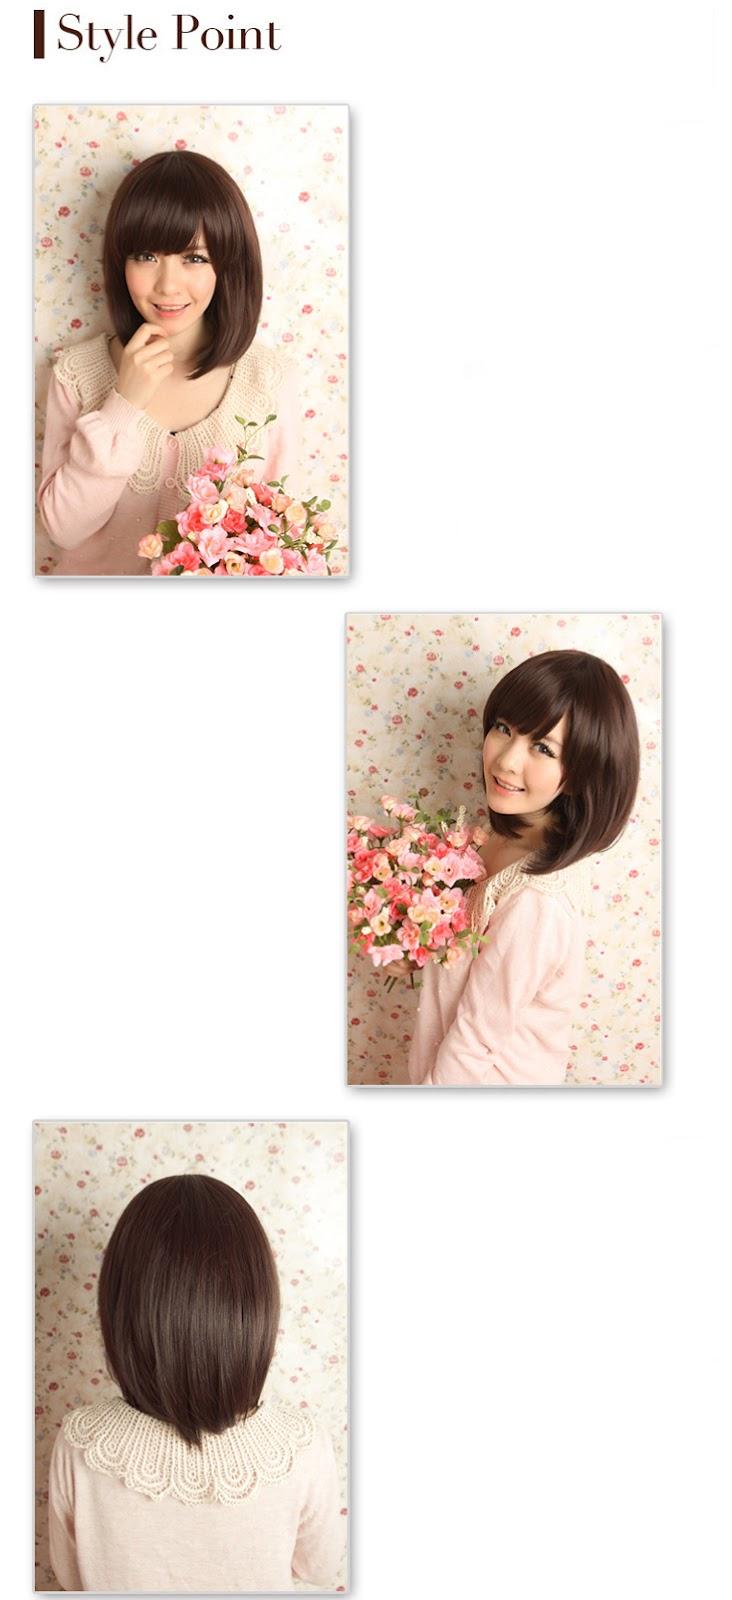 http://3.bp.blogspot.com/-vOzo1FKtLAc/UGCLkDMeGCI/AAAAAAAAFYY/mRqxNPAWFEc/s1600/5.jpg